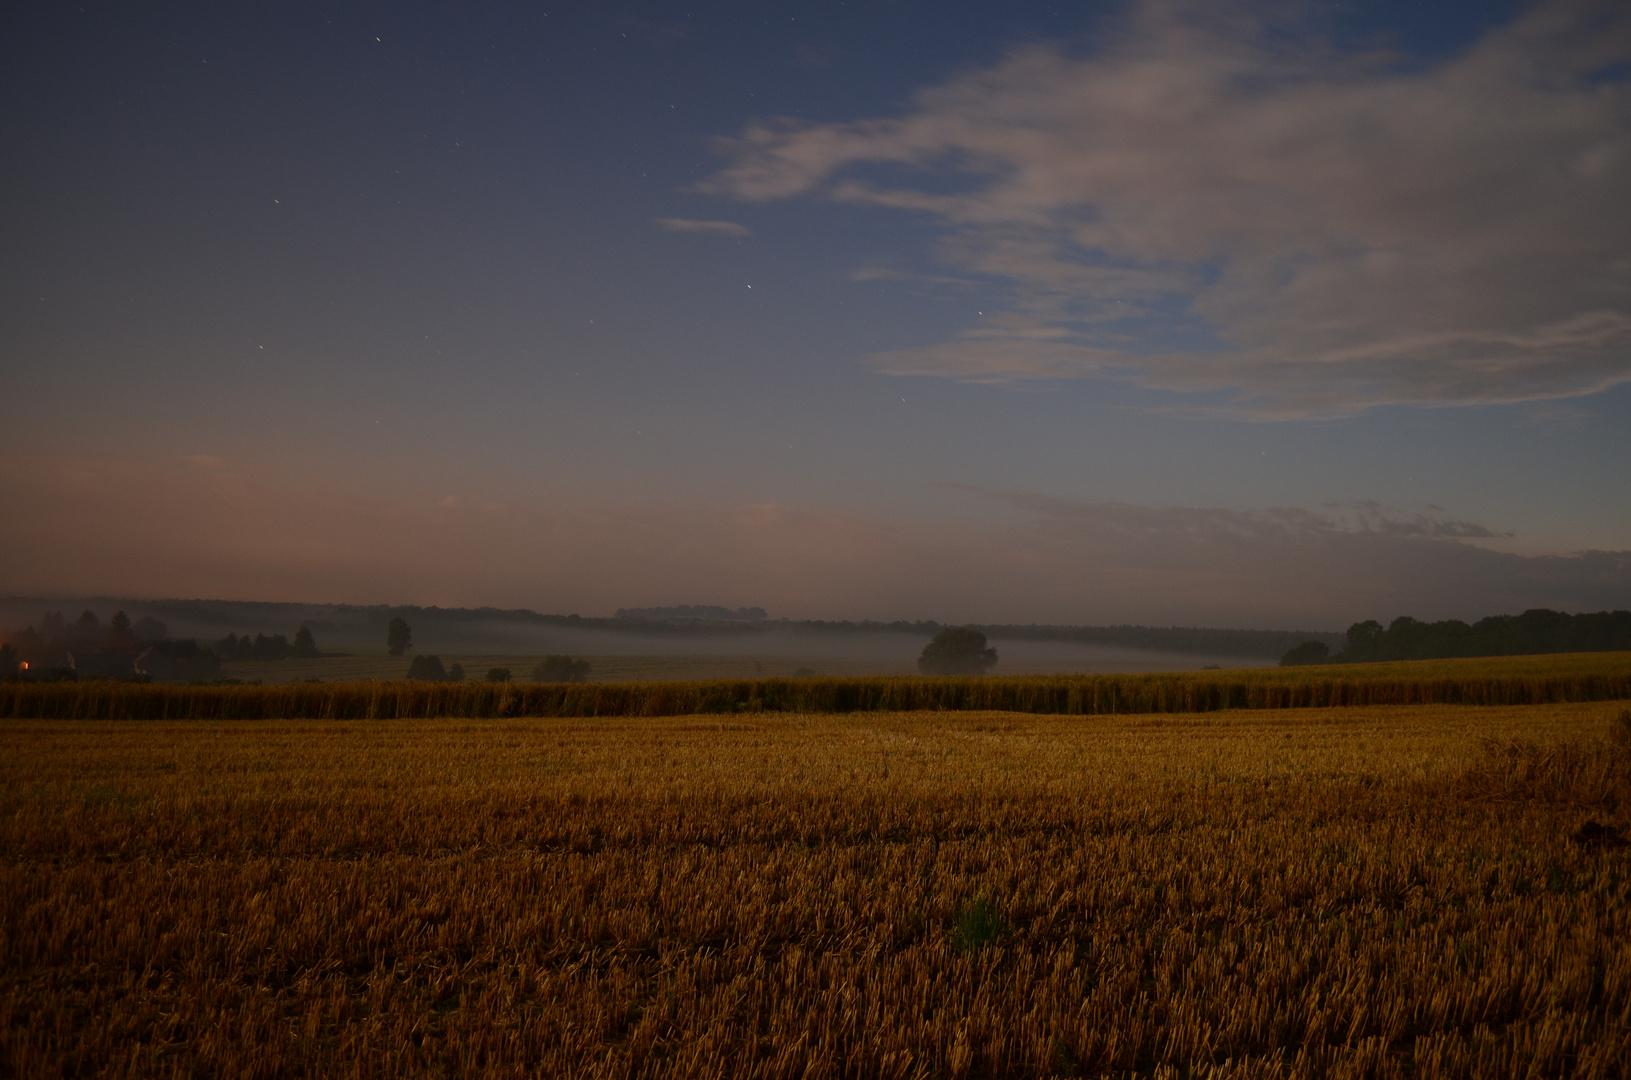 Feld in einer hellen Nacht